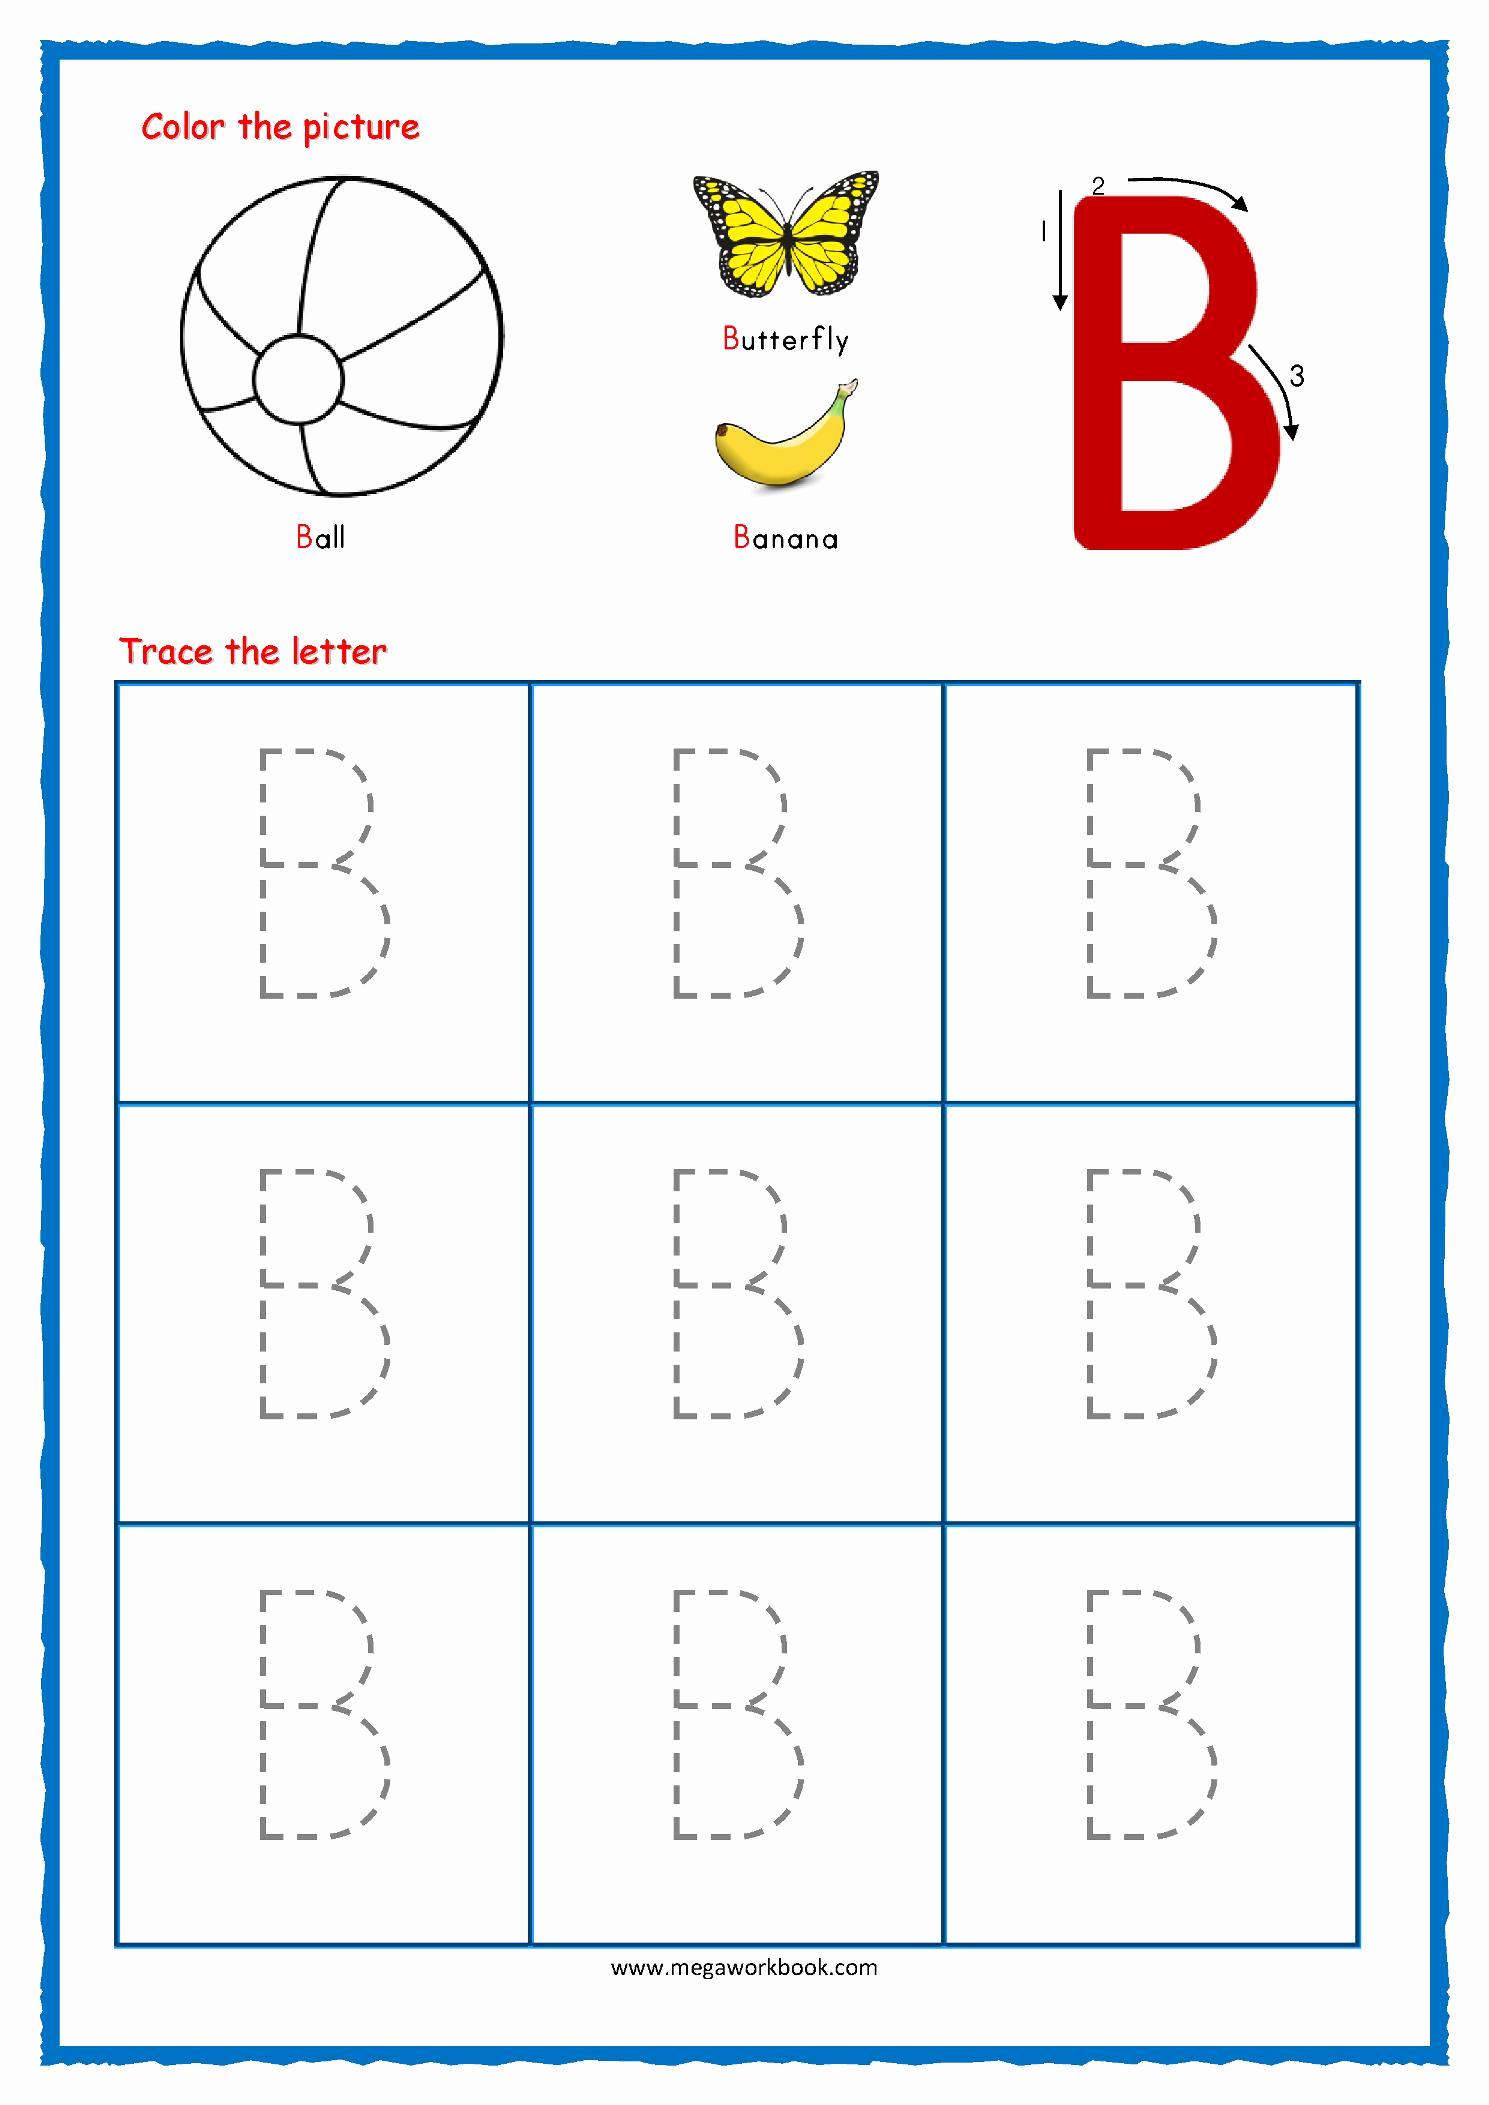 Alphabet Trace Worksheet Lovely Printable Worksheets Alphabet Tracing – Letter Worksheets